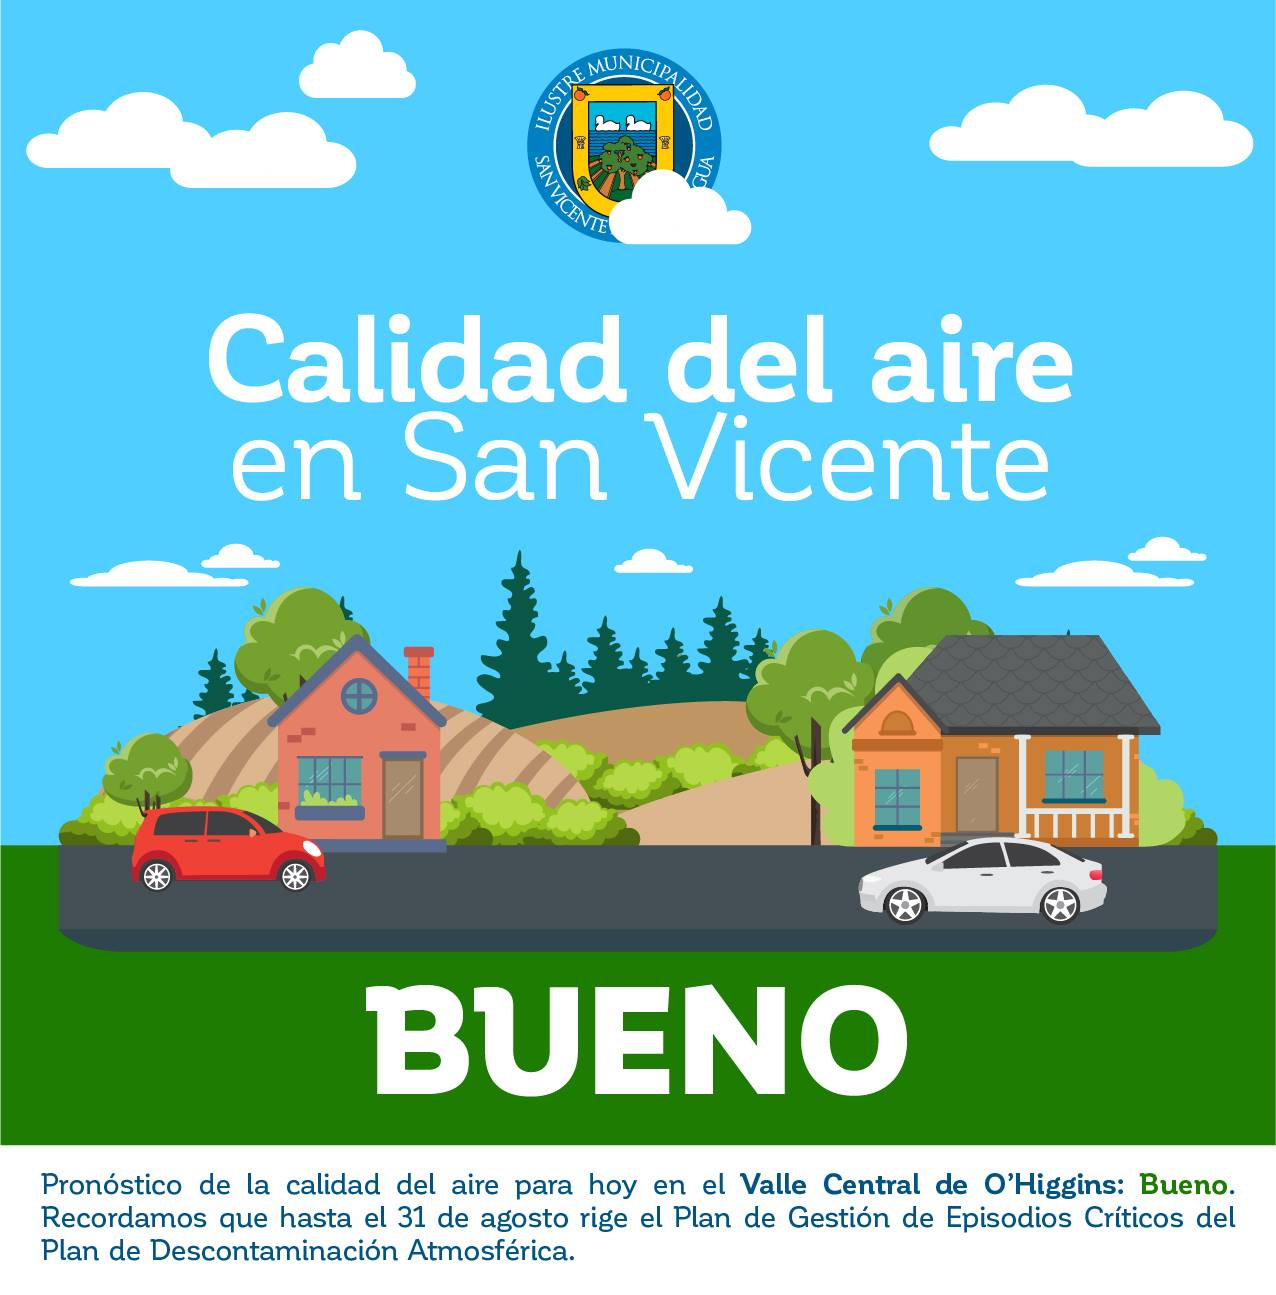 CALIDAD DEL AIRE EN SAN VICENTE DE TAGUA TAGUA VIERNES 1 DE MAYO: BUENO